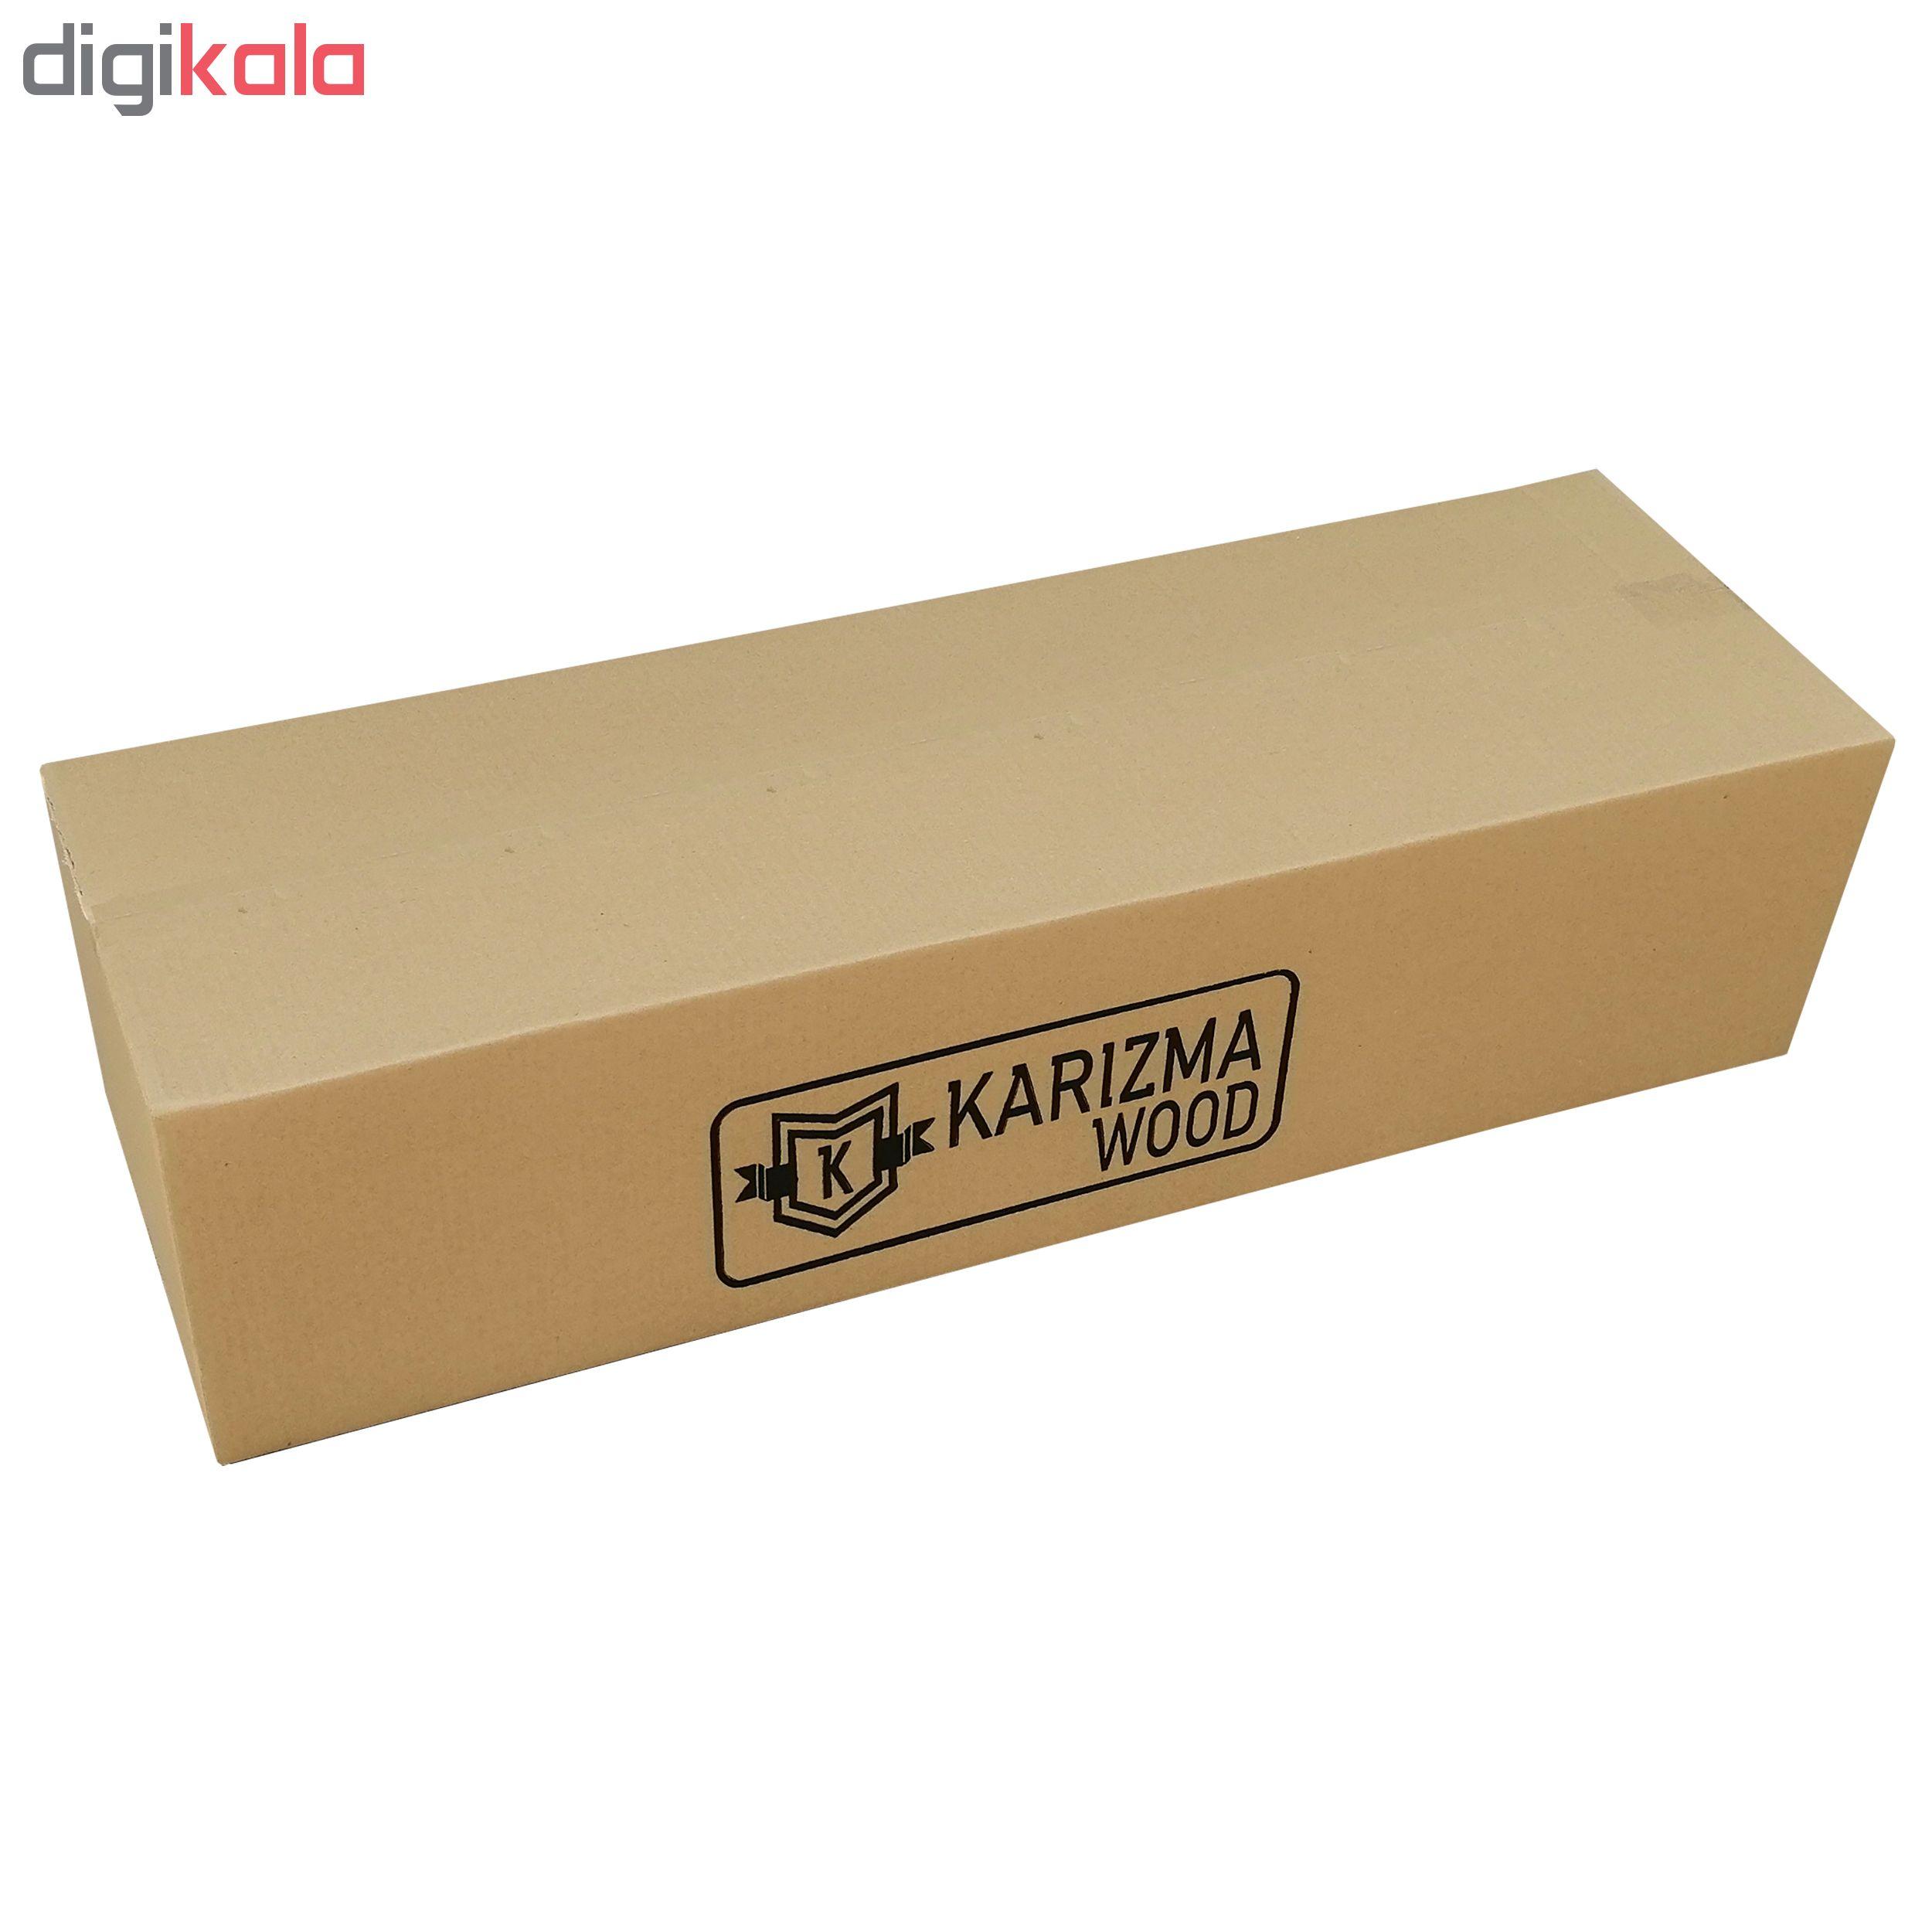 میز تلویزیون کاریزما وود مدل A.KM208 main 1 8